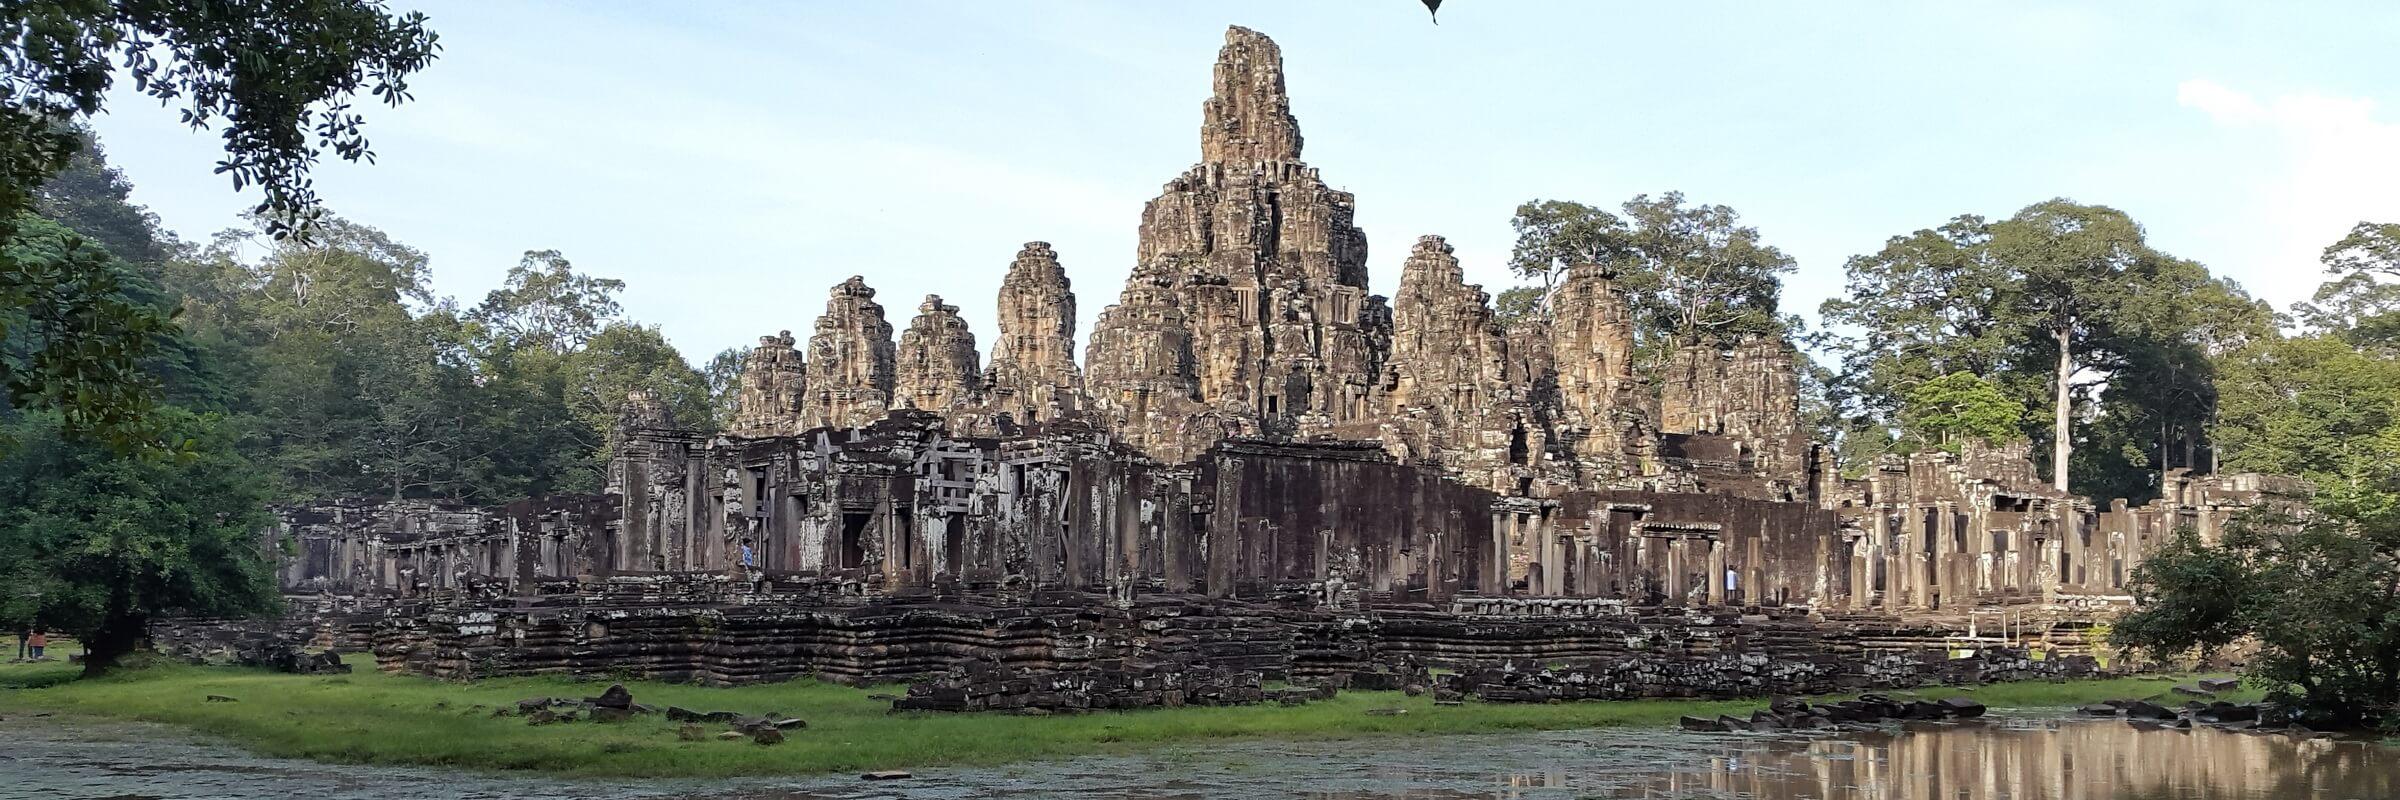 Bayon ist neben Angkor Wat und Ta Phrom die bekannteste und eindrucksvollste Tempelanlage in Angkor.